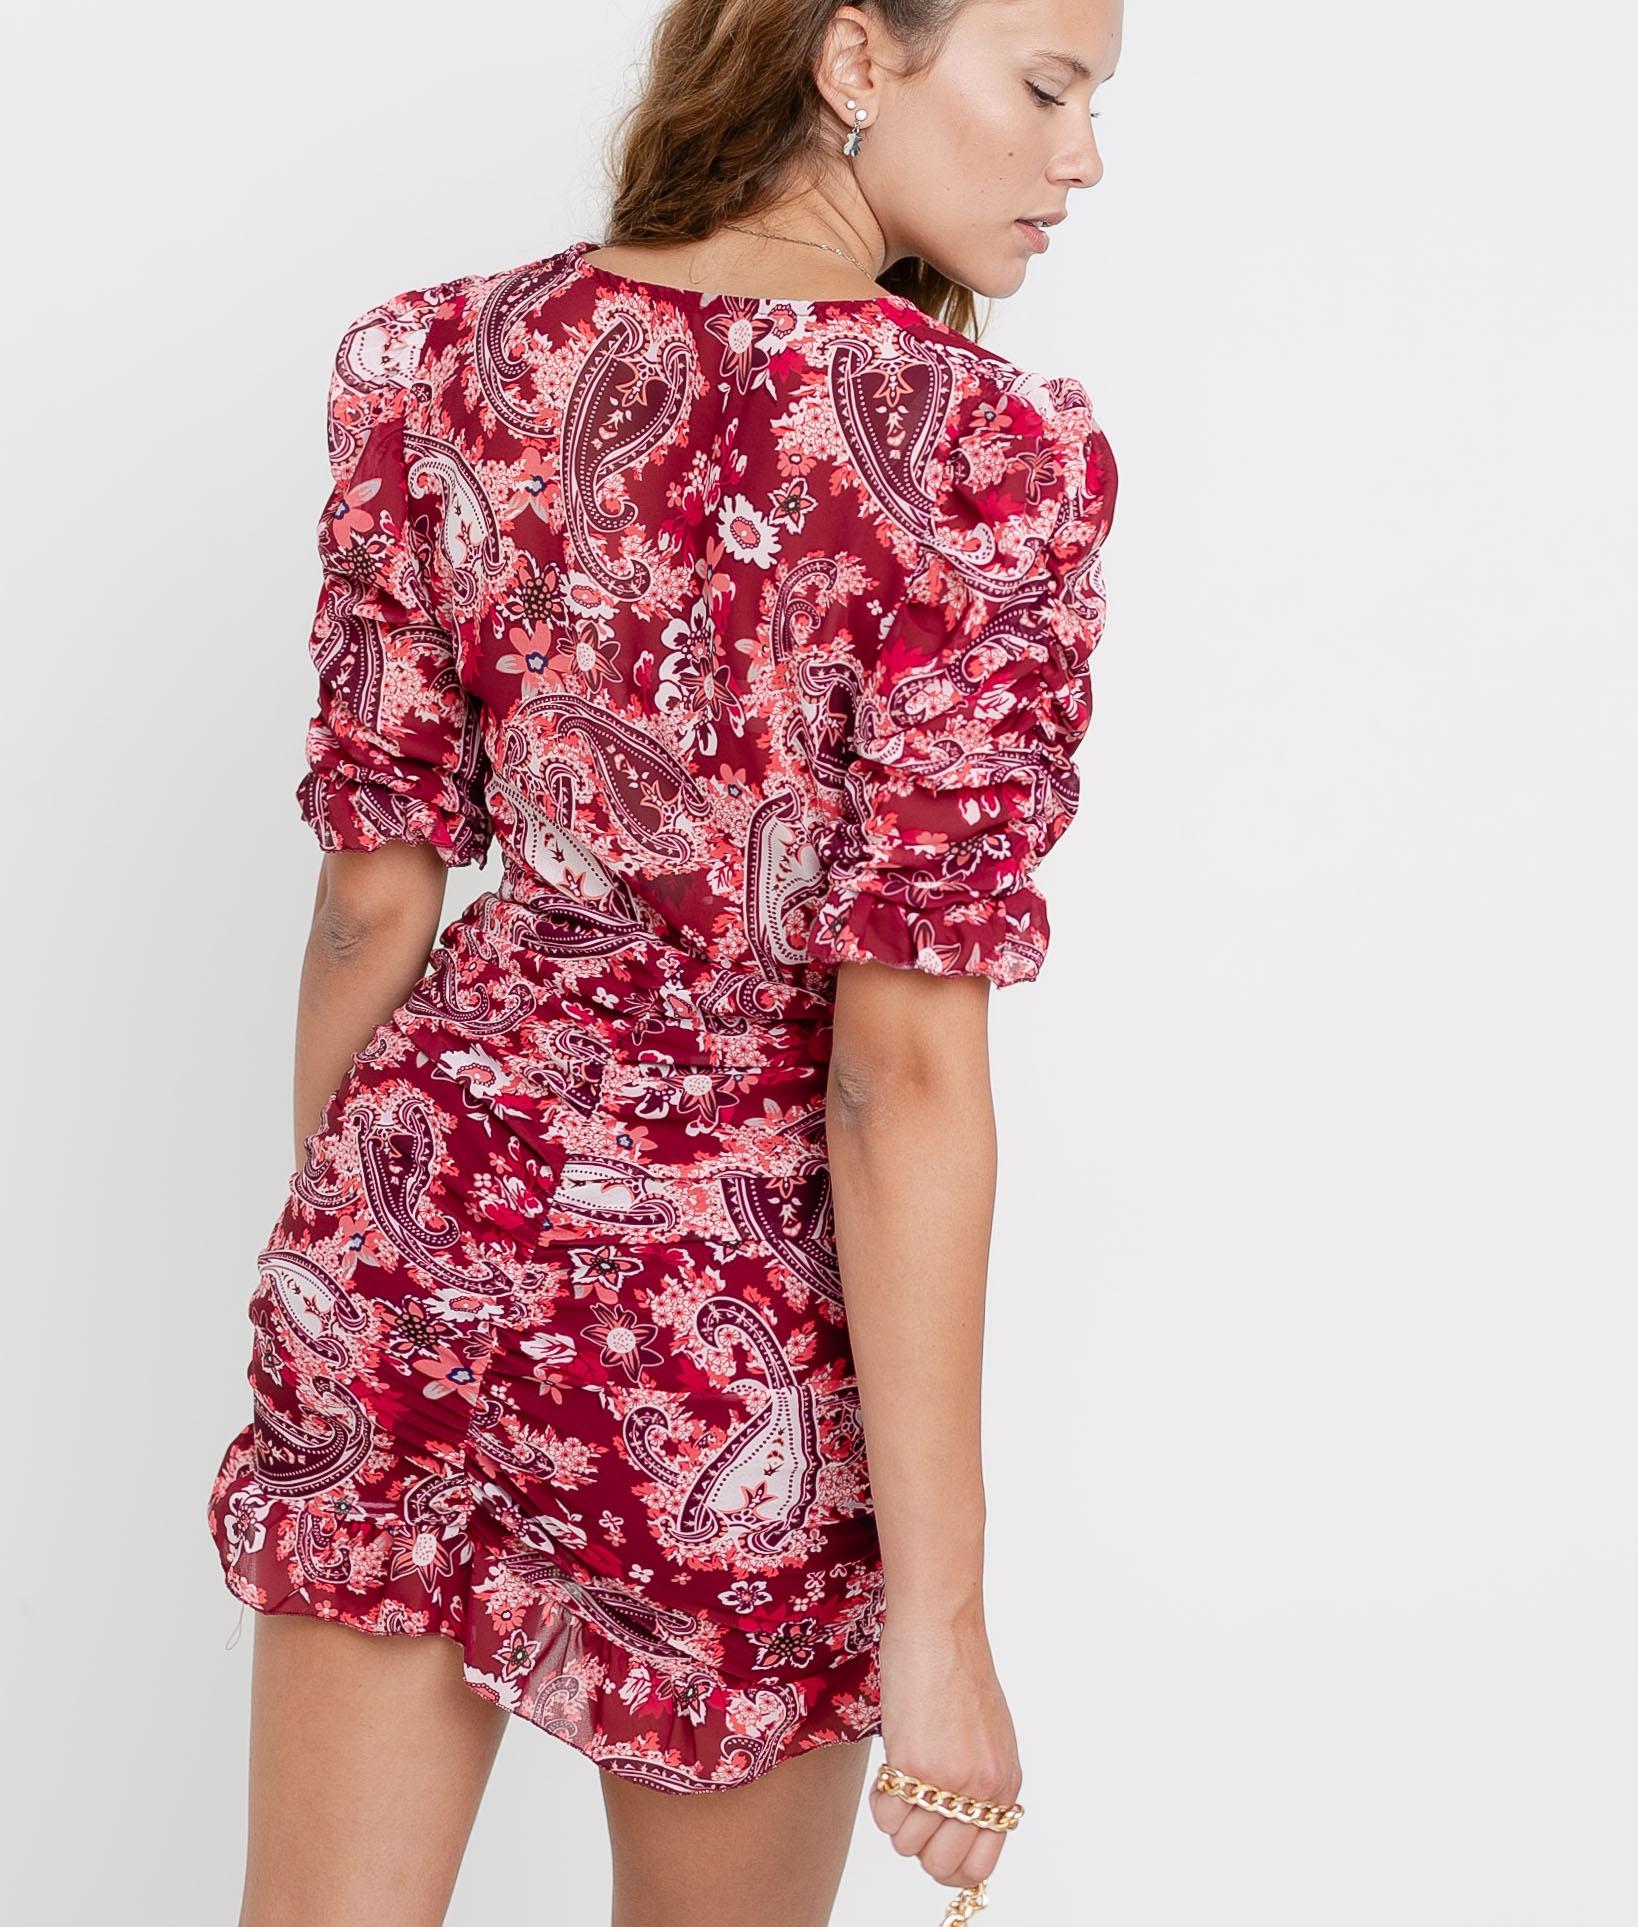 Vestido Lavoe - Vermelho/Grená